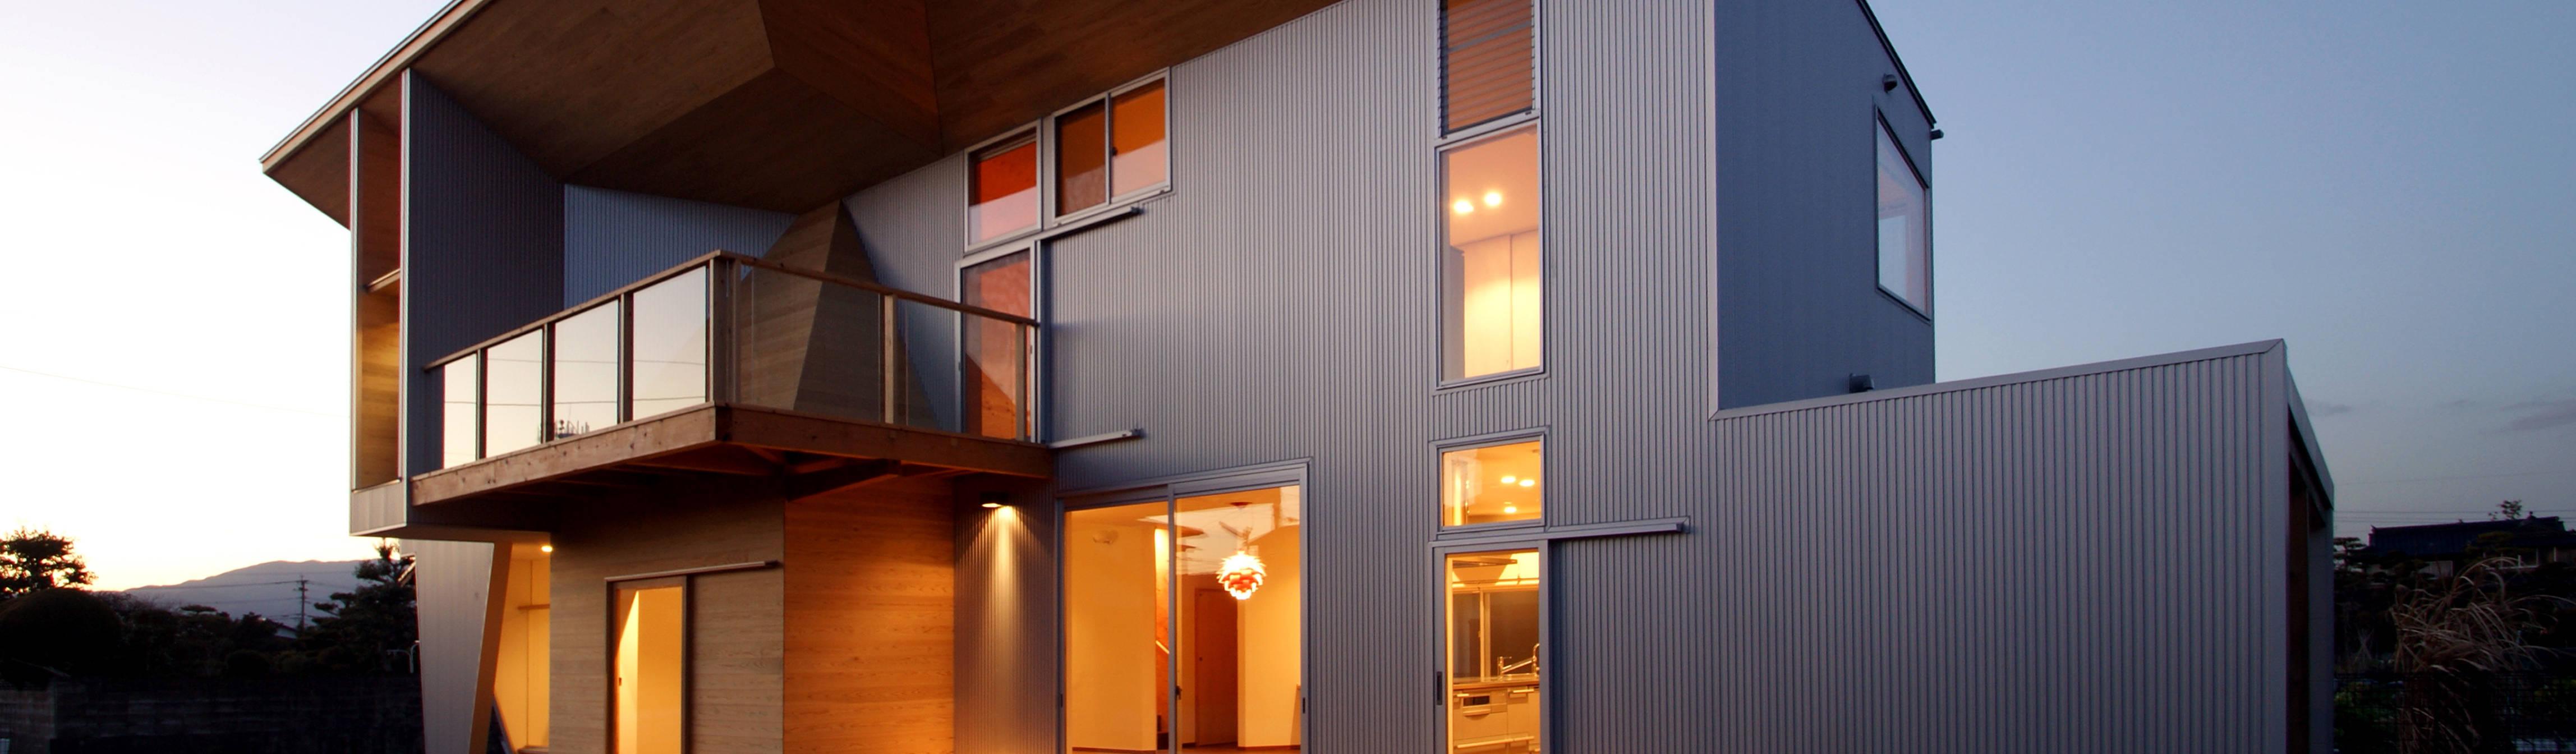 塔本研作建築設計事務所